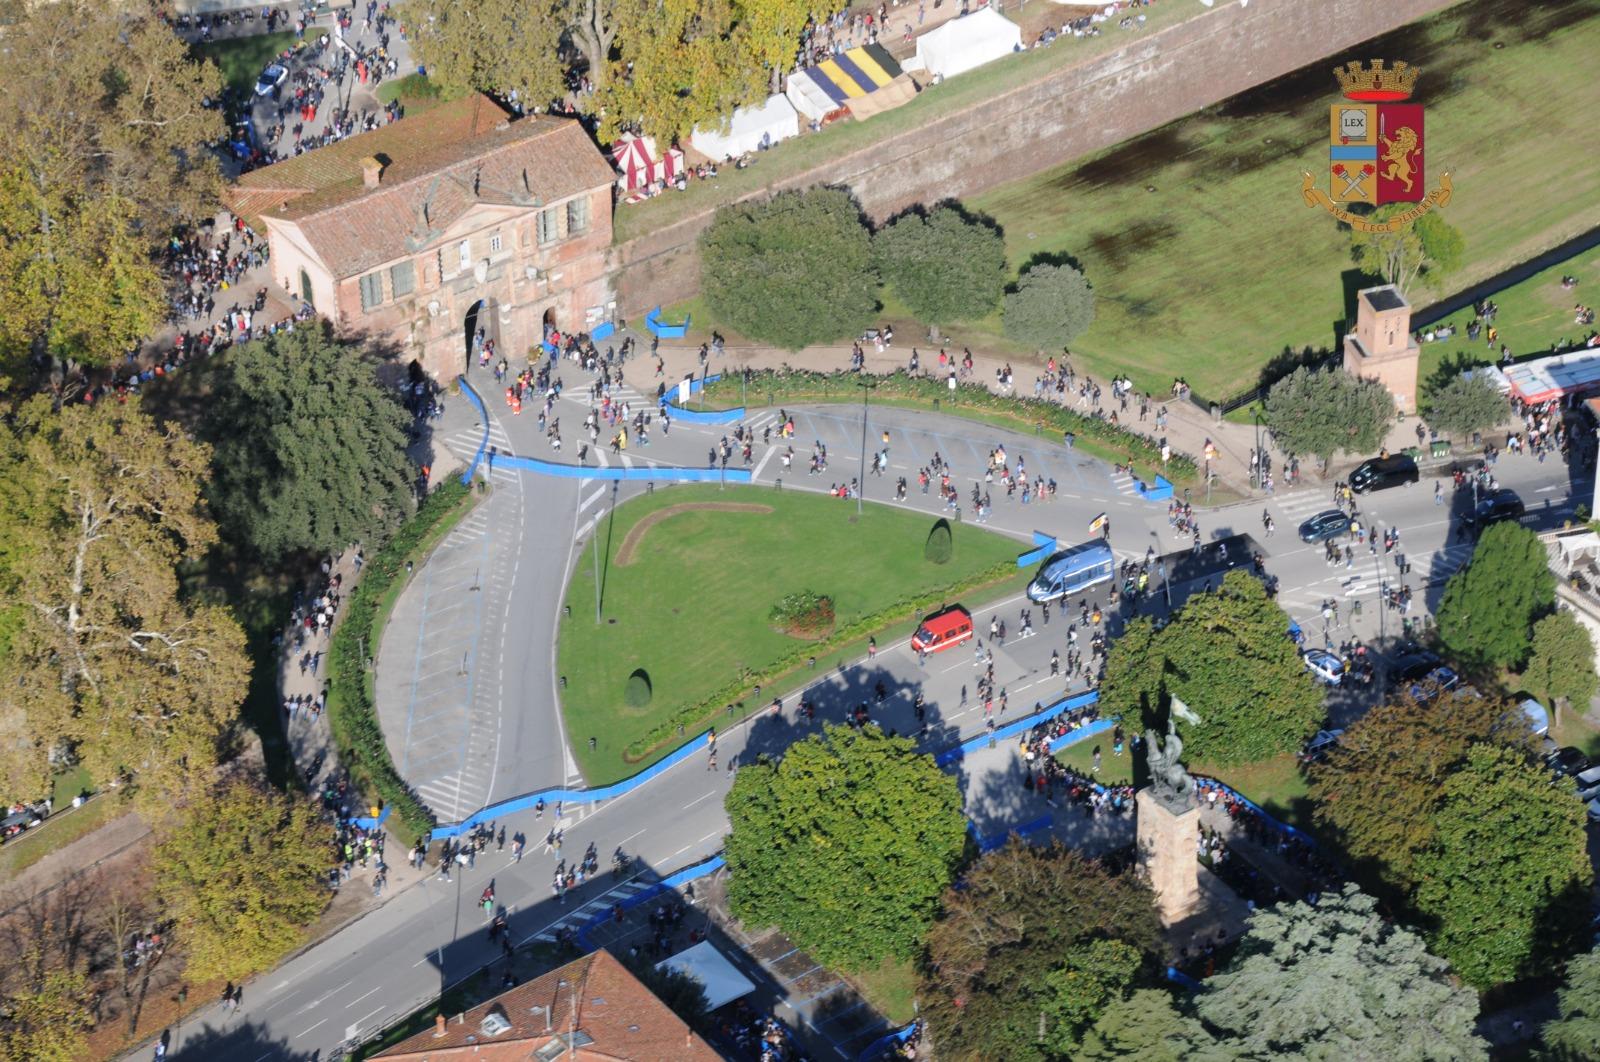 L'elicottero della Polizia sorvola su Lucca per i Comics (video)